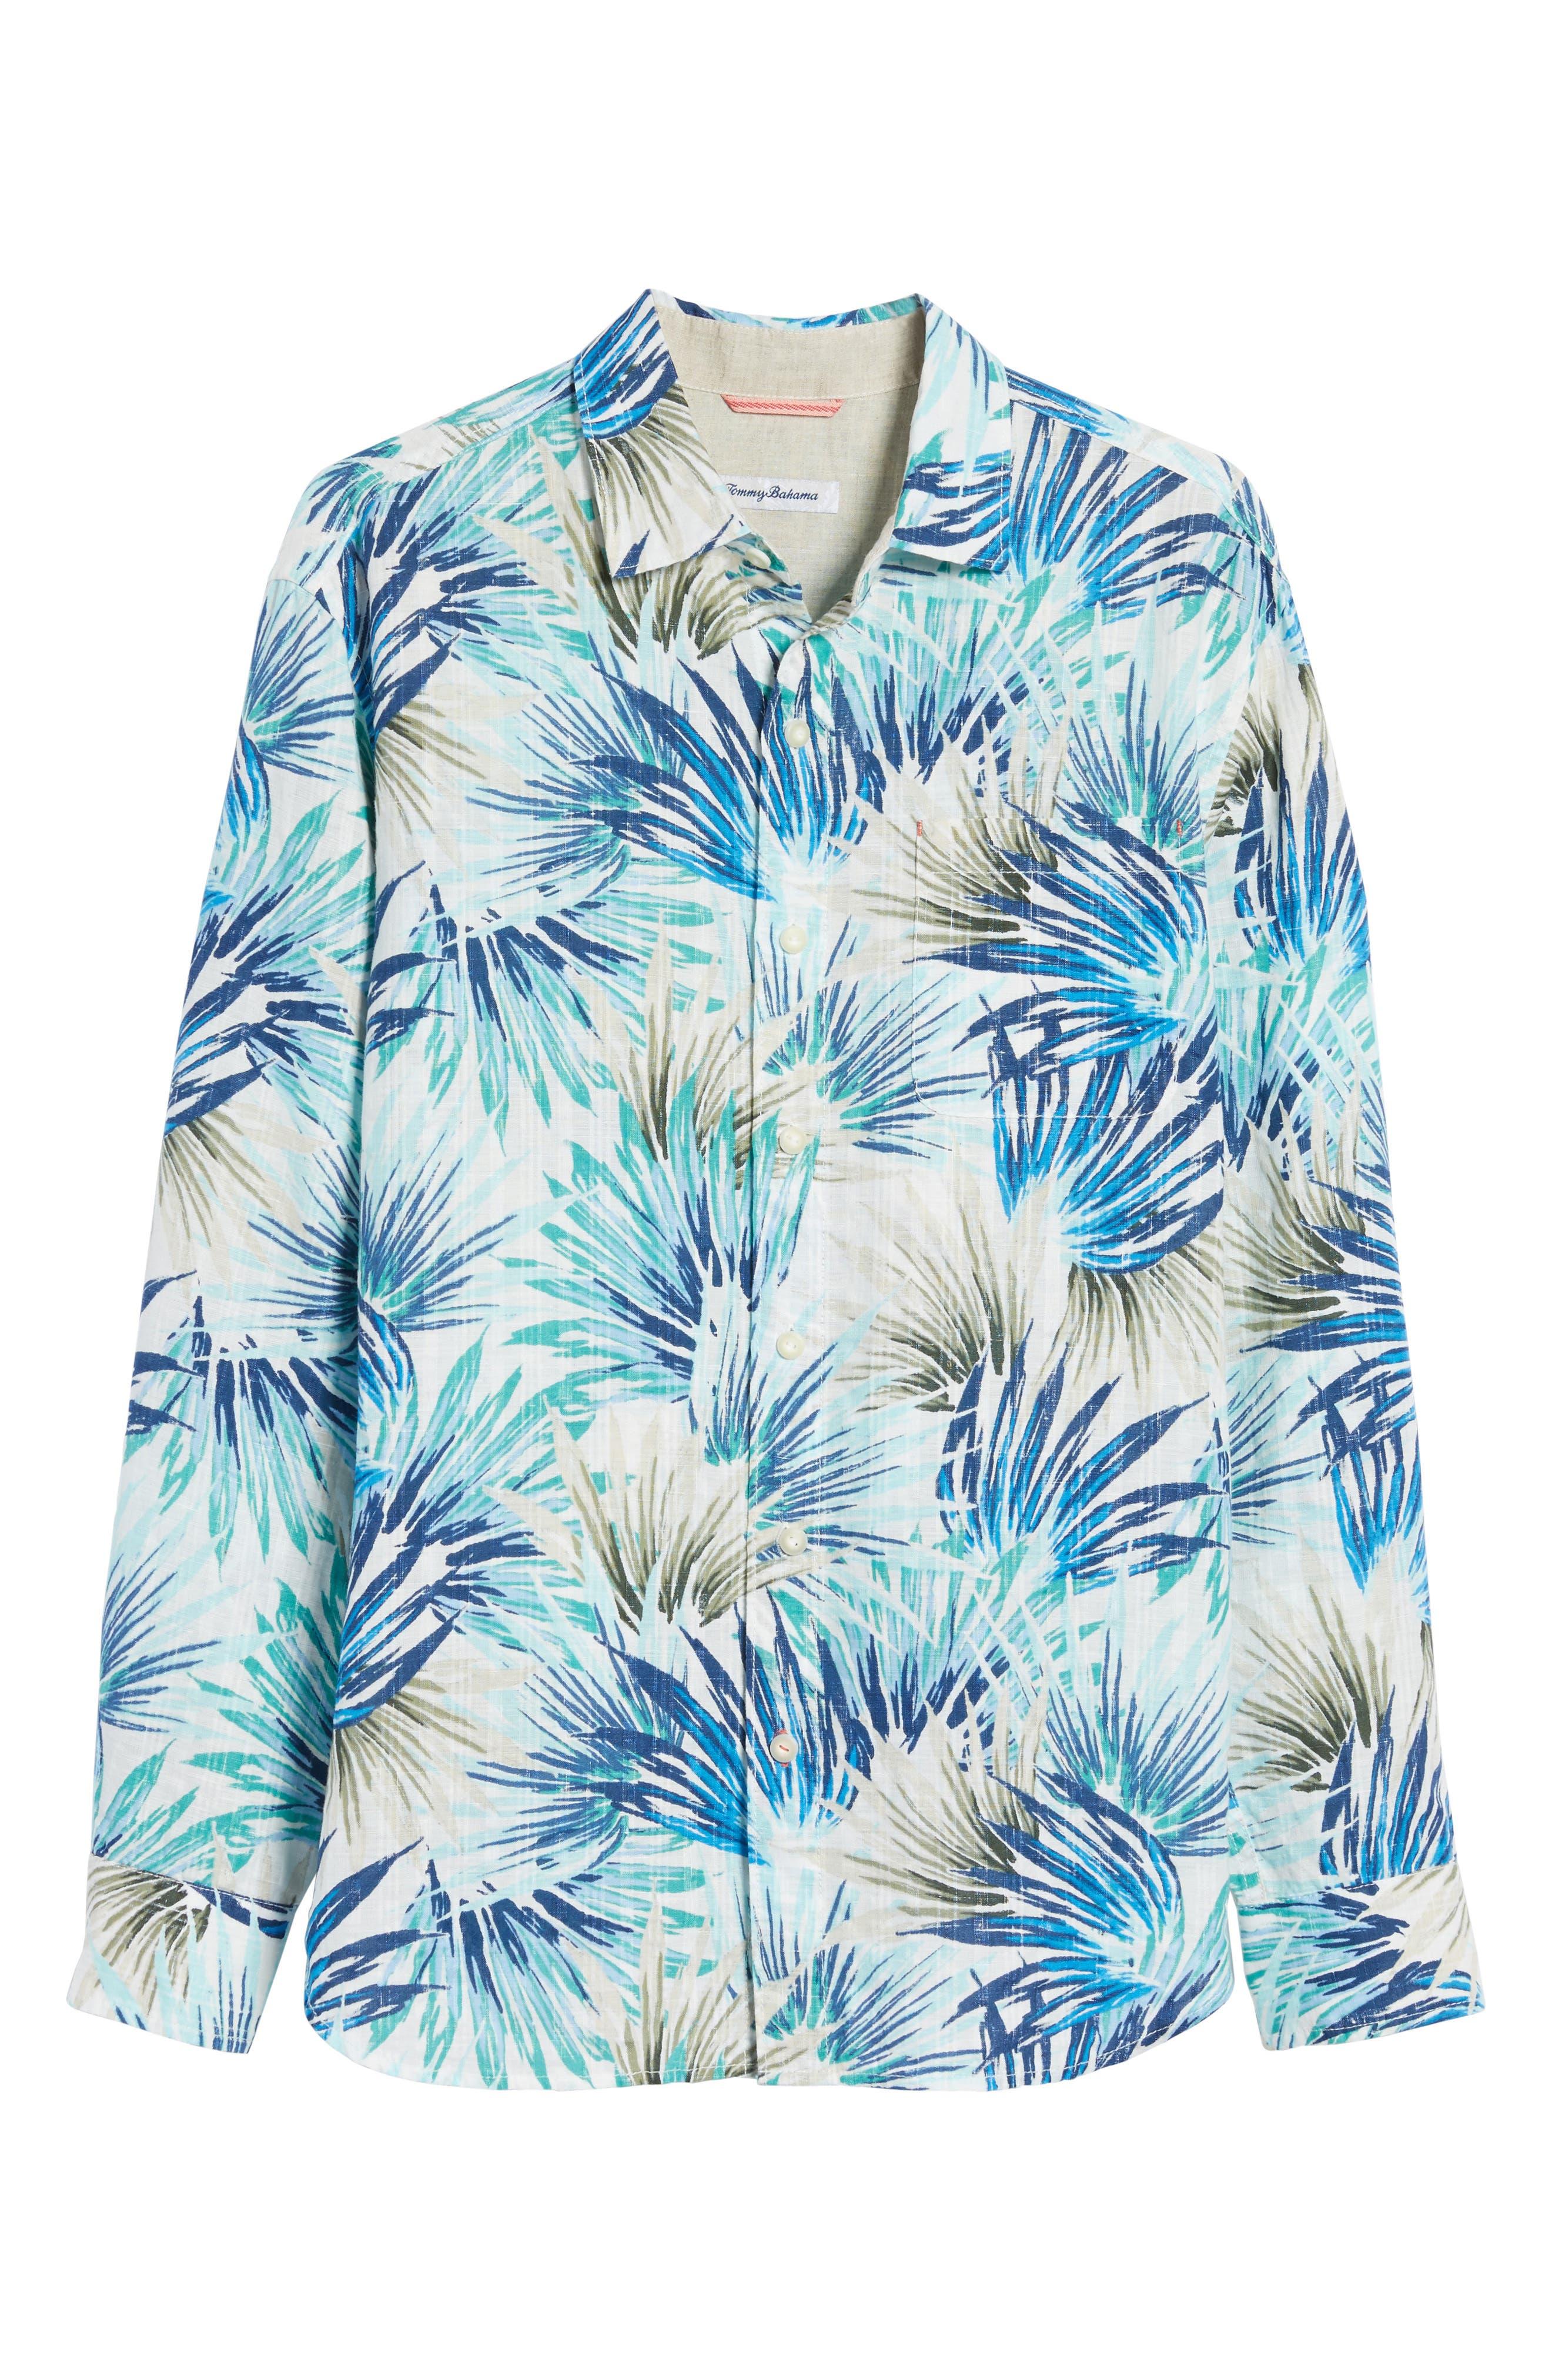 Prism Palms Linen Blend Sport Shirt,                             Alternate thumbnail 6, color,                             400